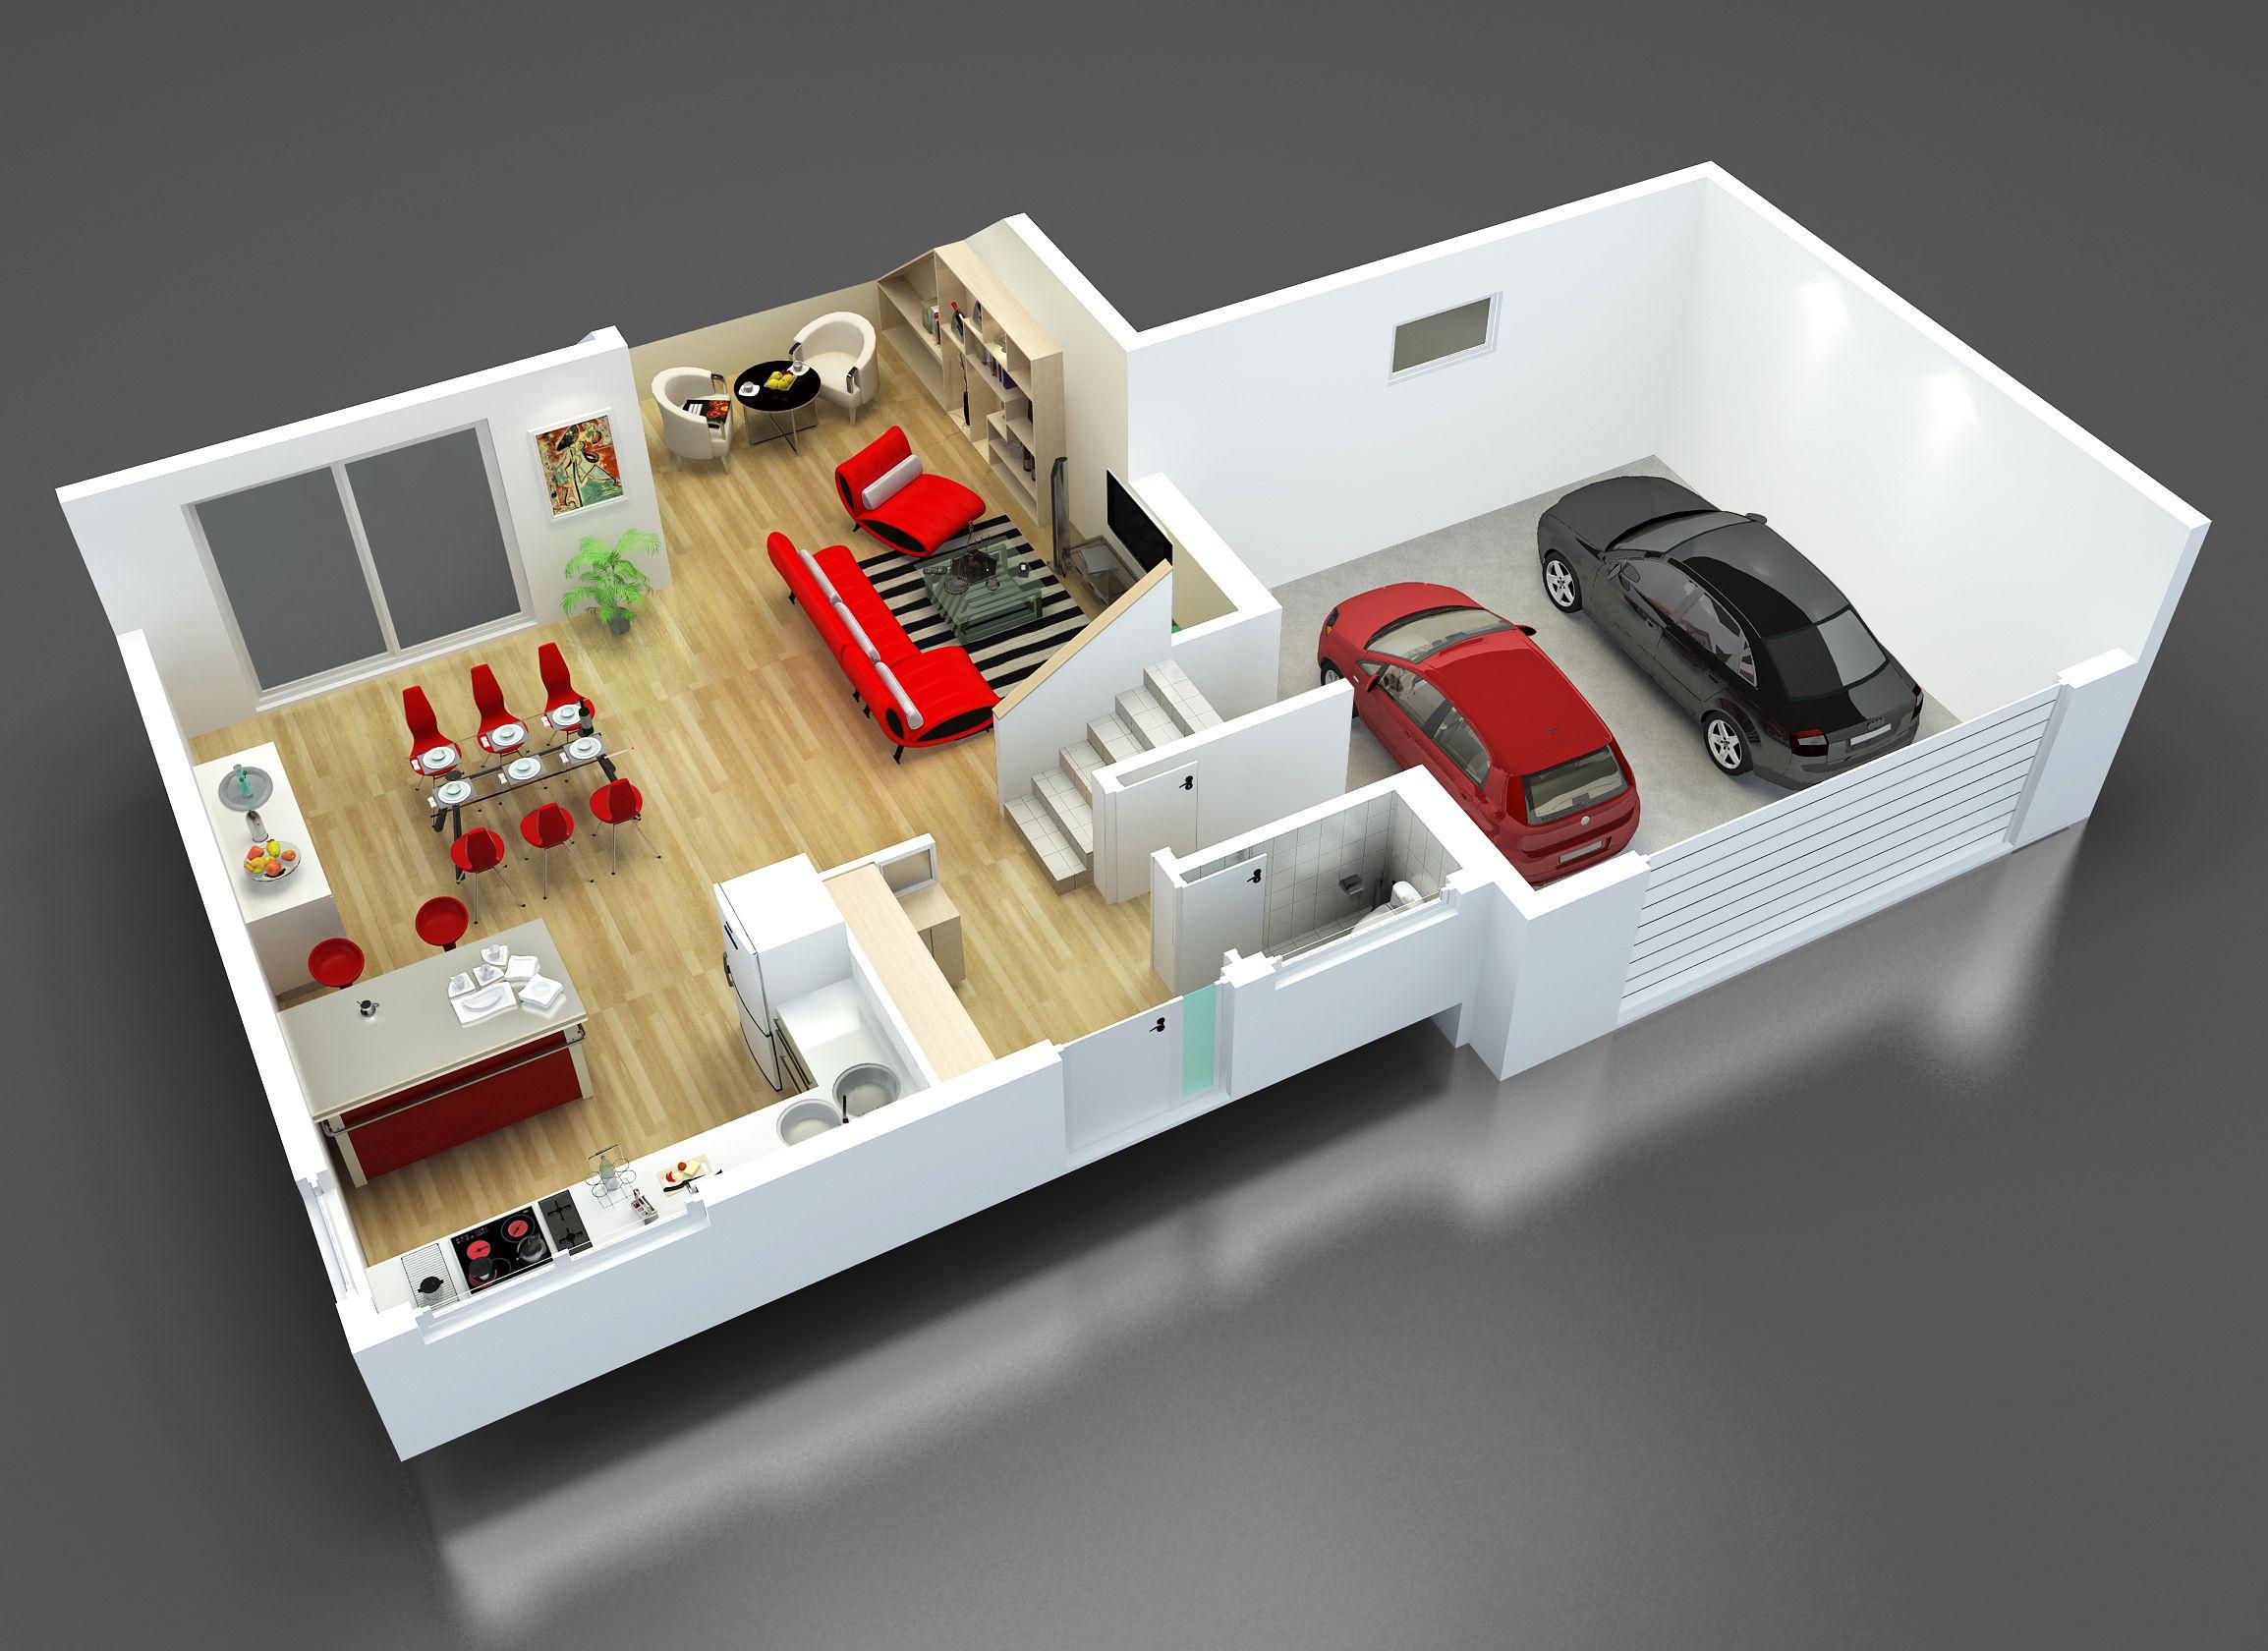 Modèle De Maison Libréa Présenté Sur ConstruireSaMaison.com